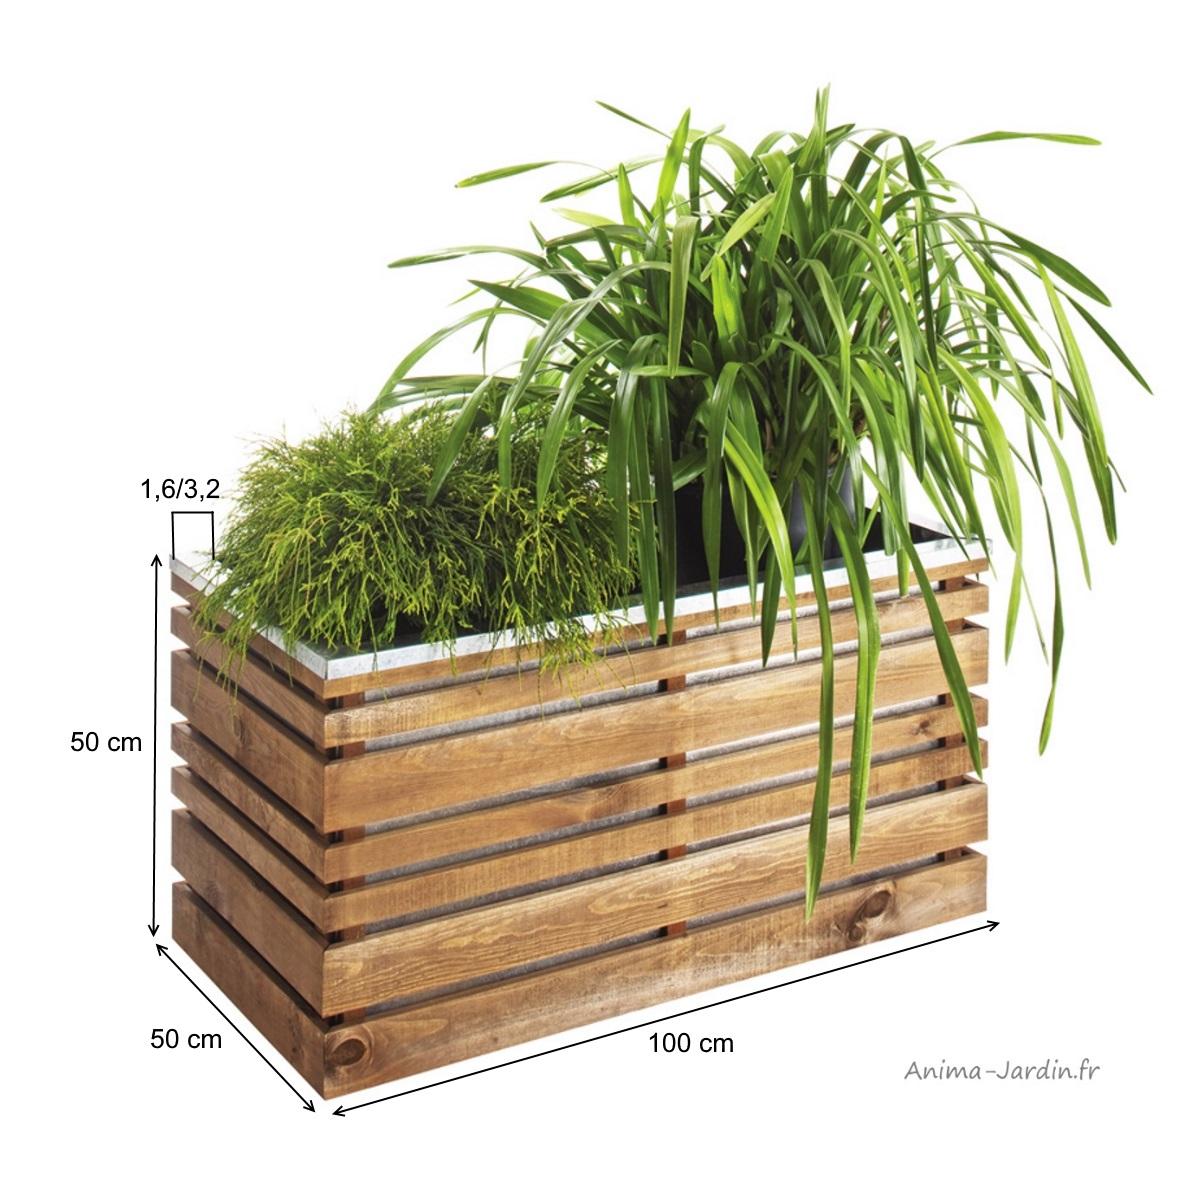 bac-lignz-100cm-dimensions-bois-autoclave-acier-anima-jardin.fr